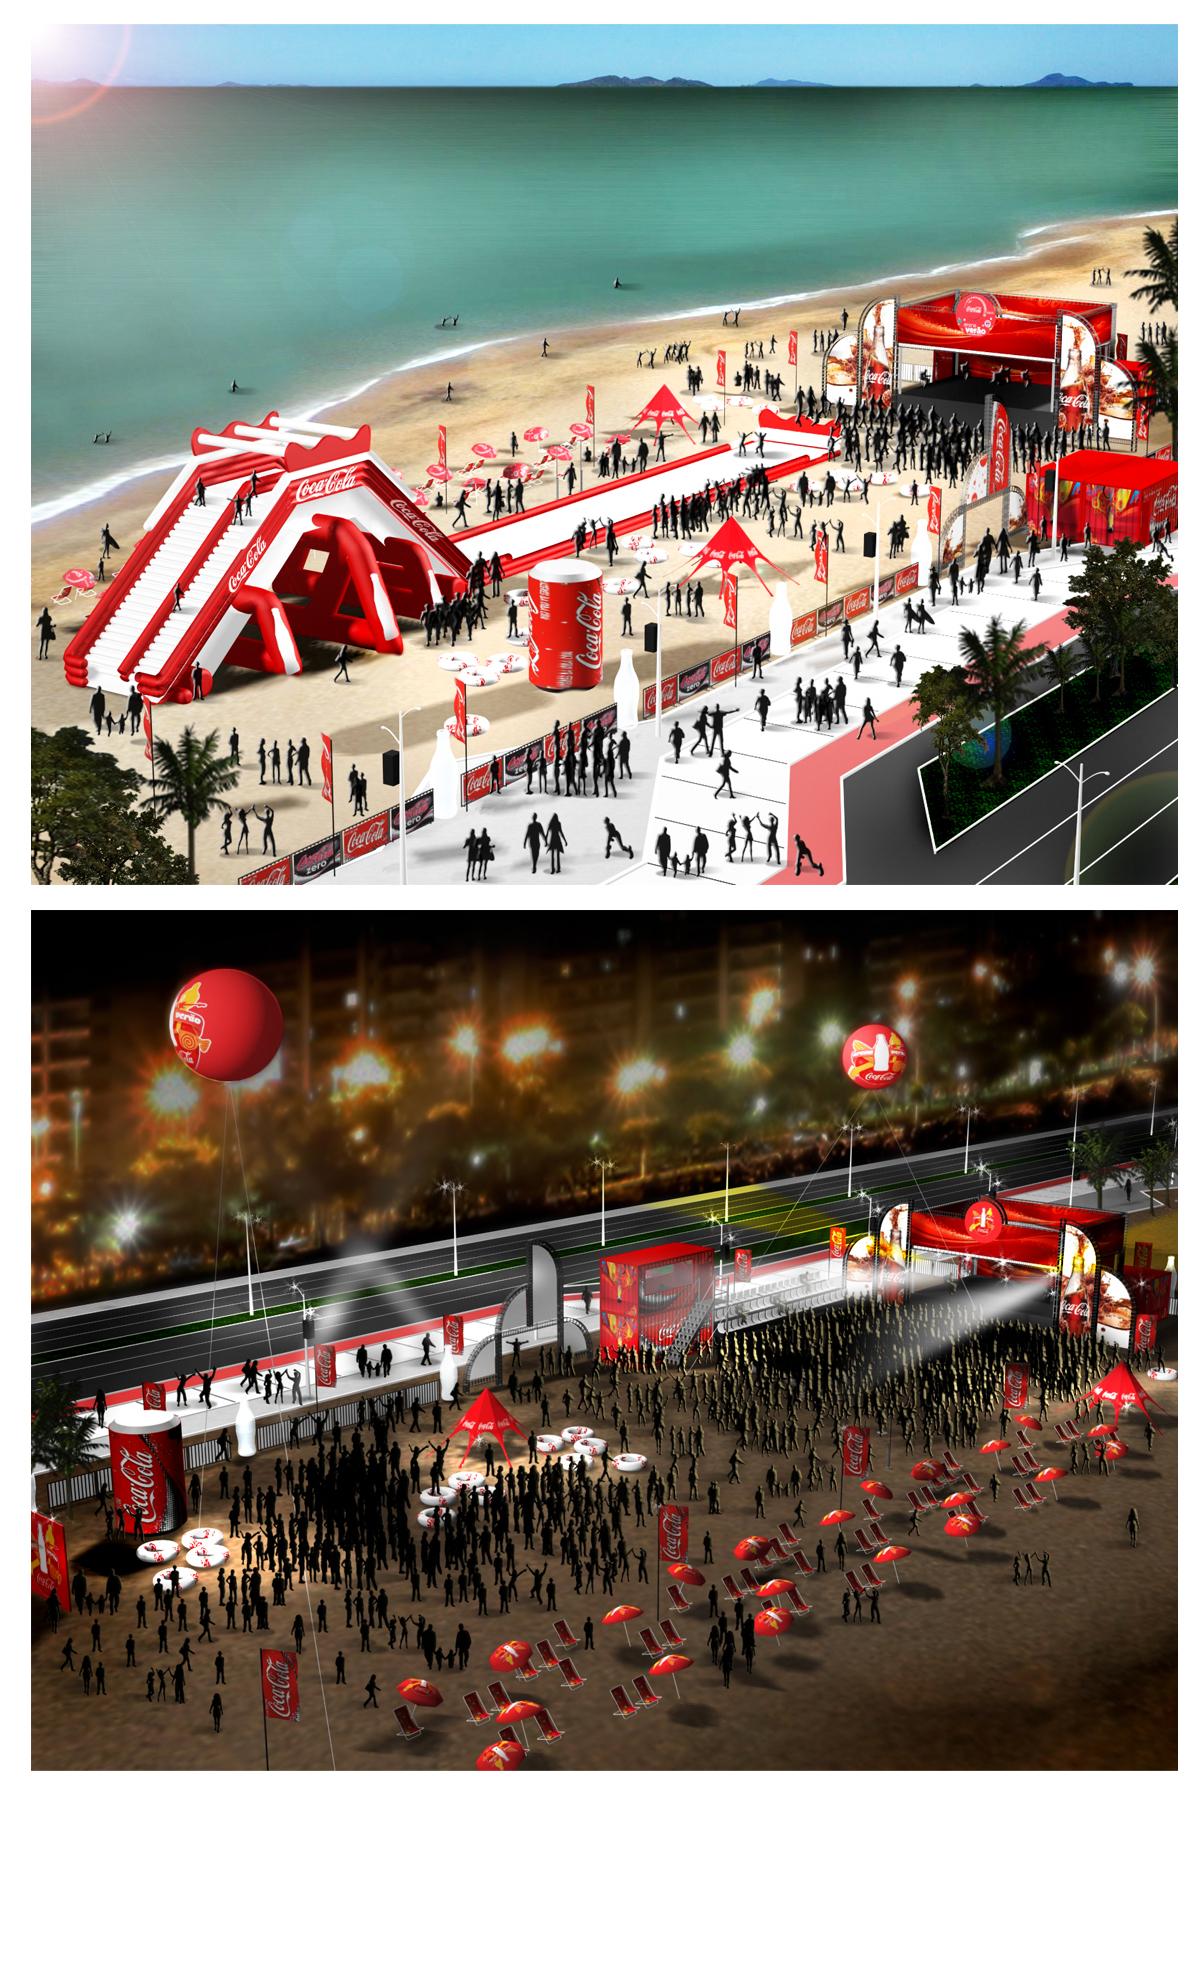 Arena Coca Cola Verão 2012